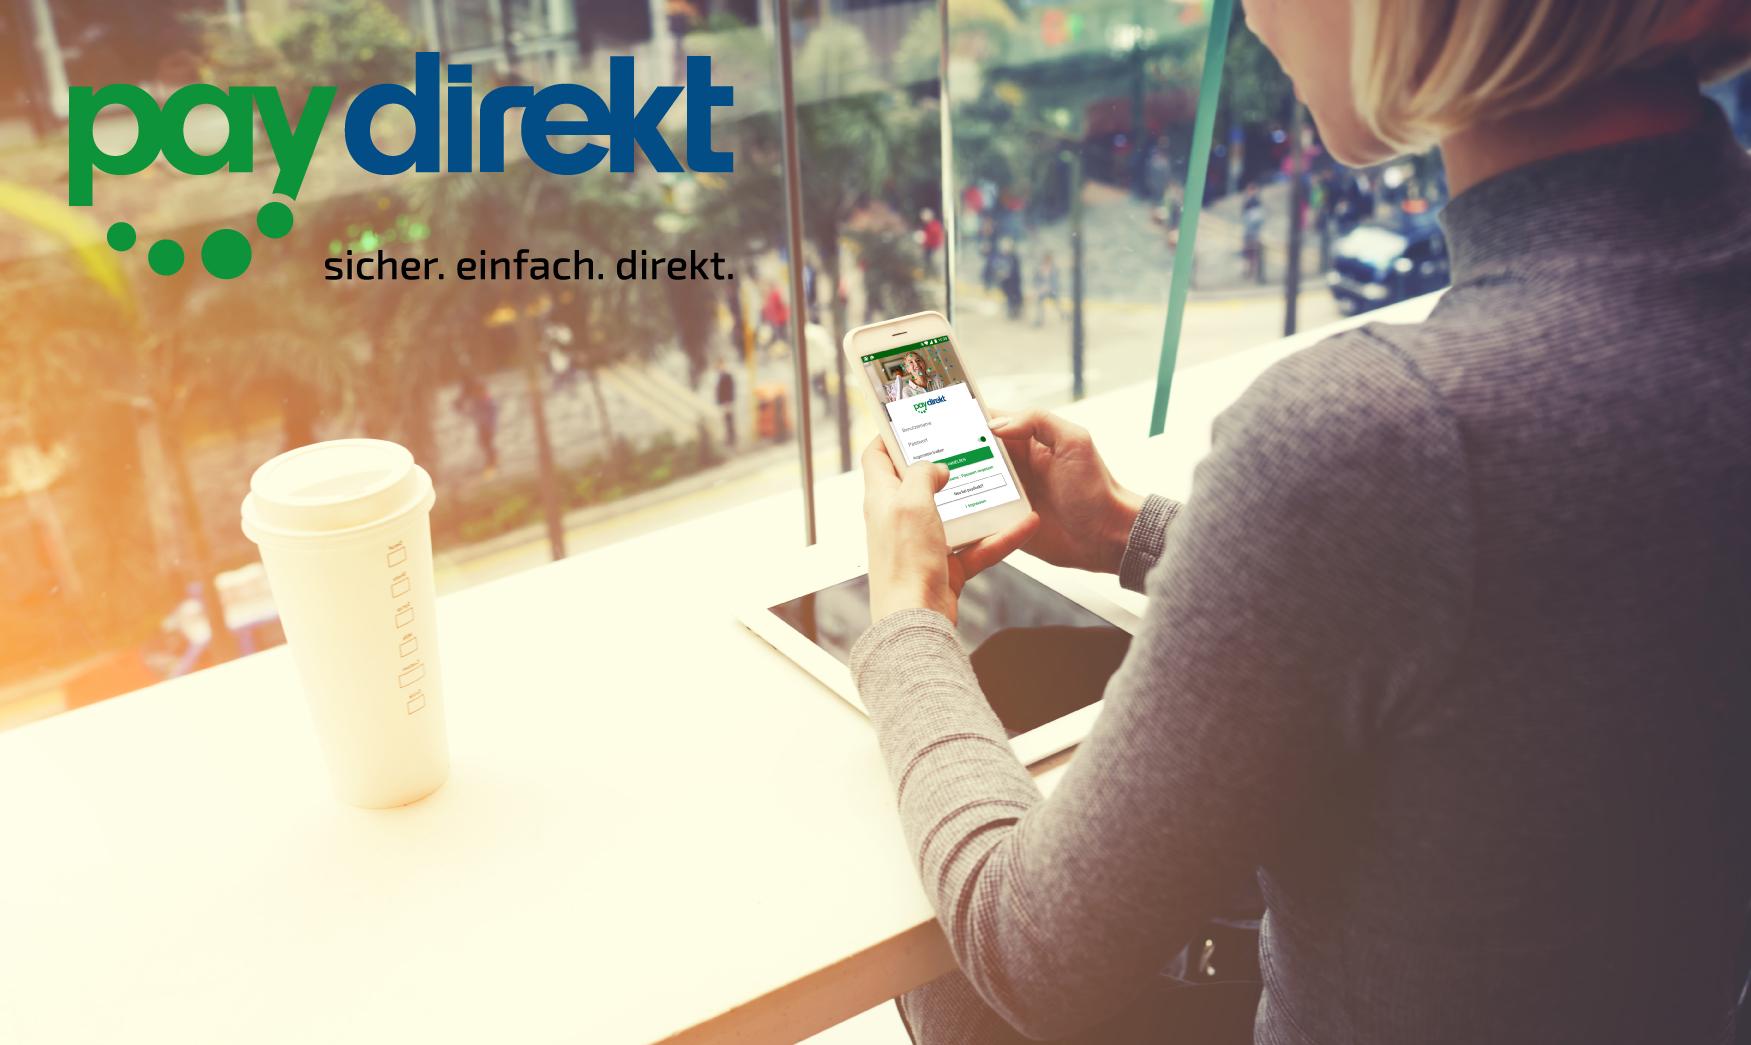 paydirekt-Einkauf-handy